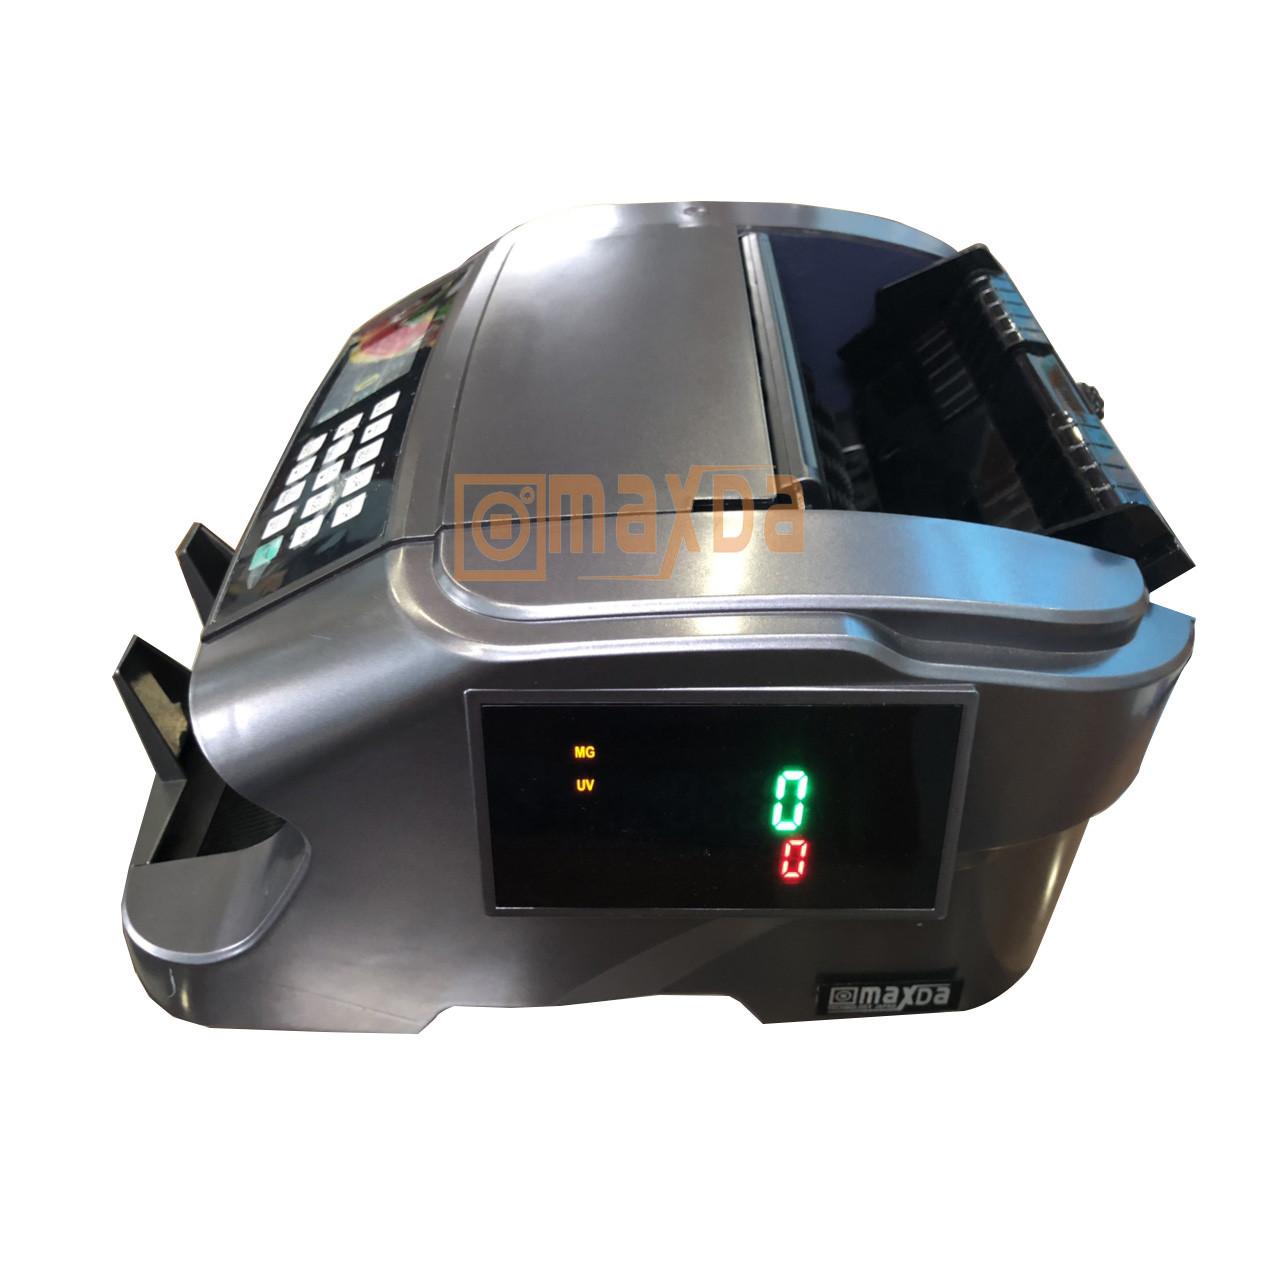 Máy đếm tiền công nghệ Nhật Bản kiểm tra ngoại tệ VND, USA, ERO, CNY Maxda 38 Pro - Hàng chính hãng